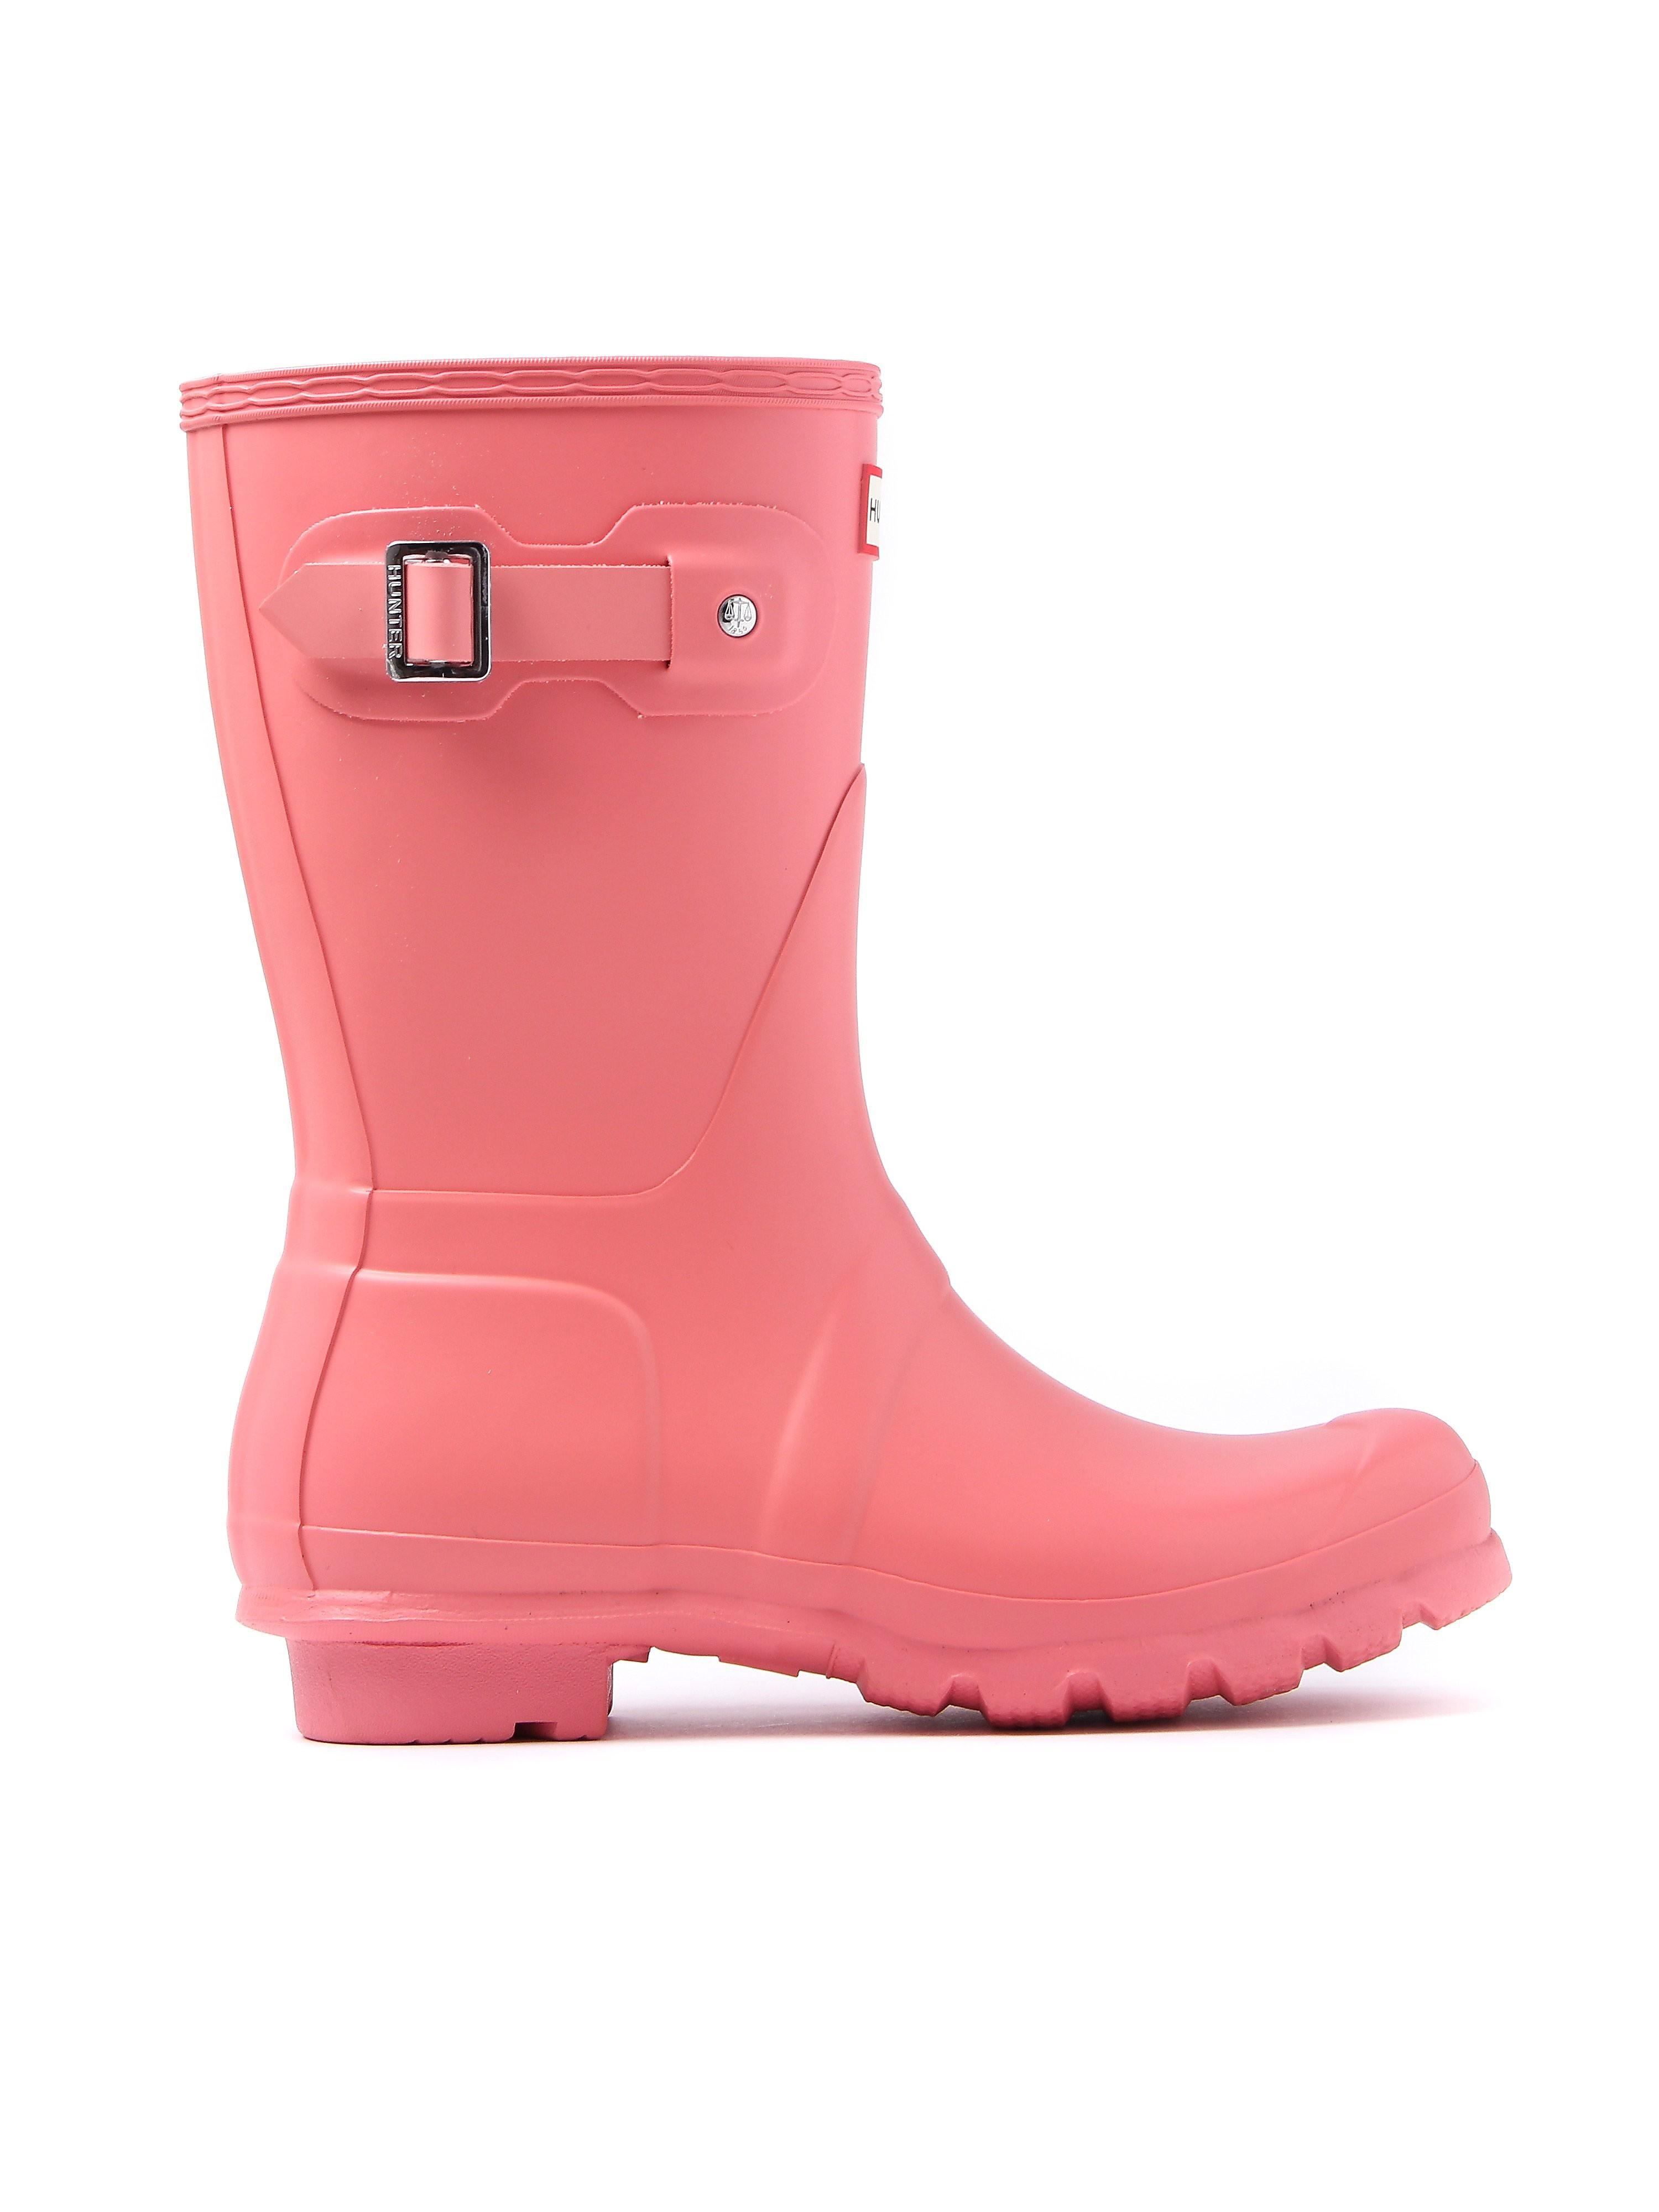 Hunter Wellies Women's Original Short Wellington Boots - Pink